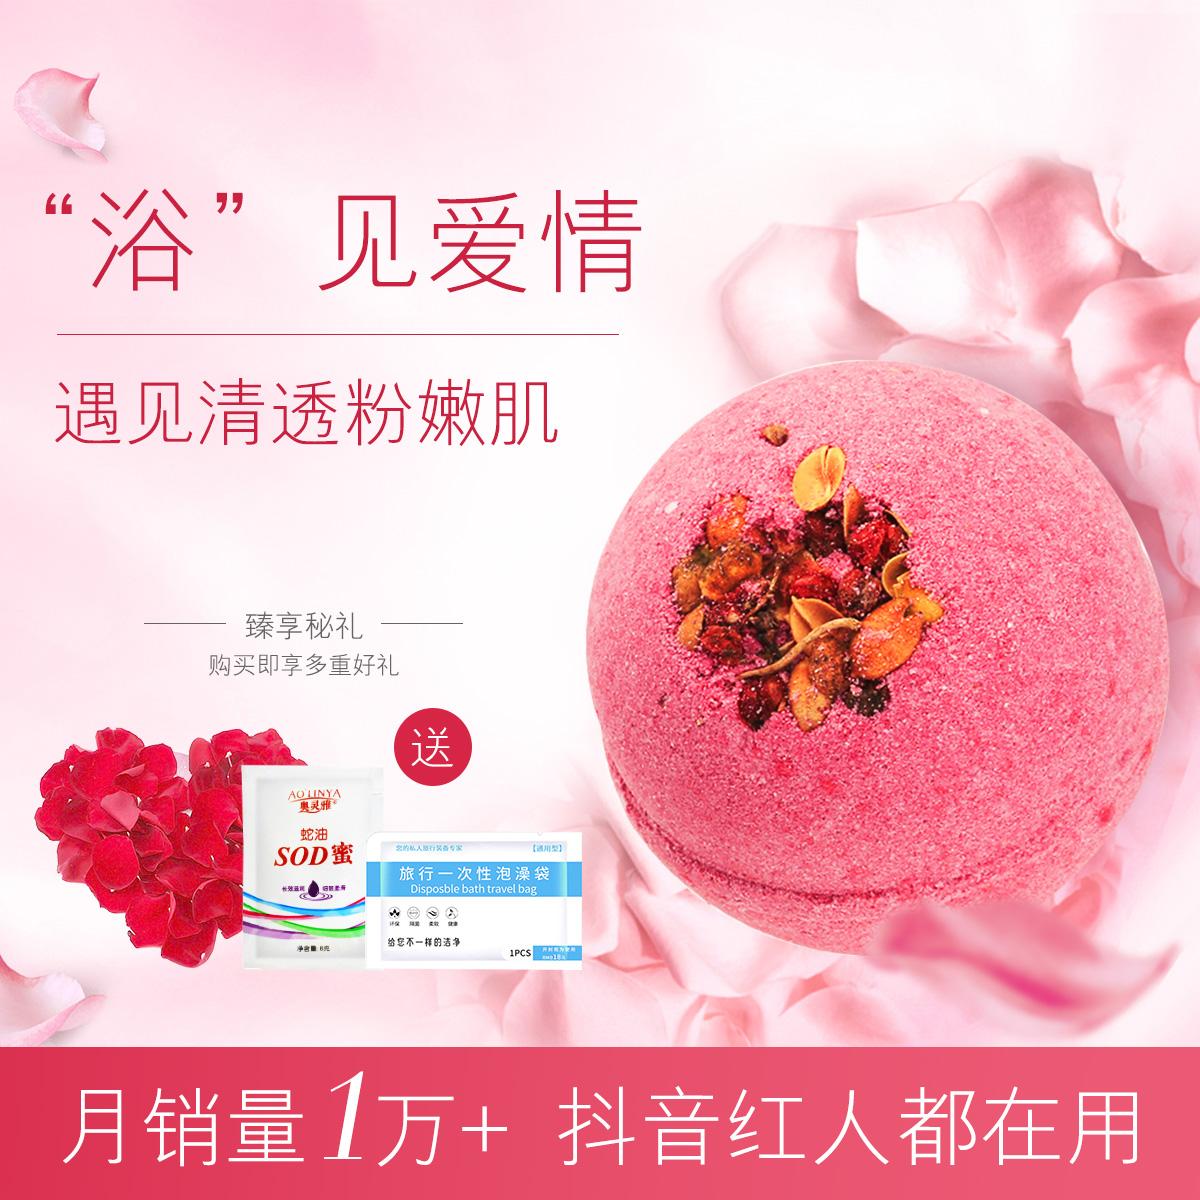 日本抖音网红泡澡沐浴球精油气泡弹泡澡气泡弹爆炸泡泡浴儿童浴芭